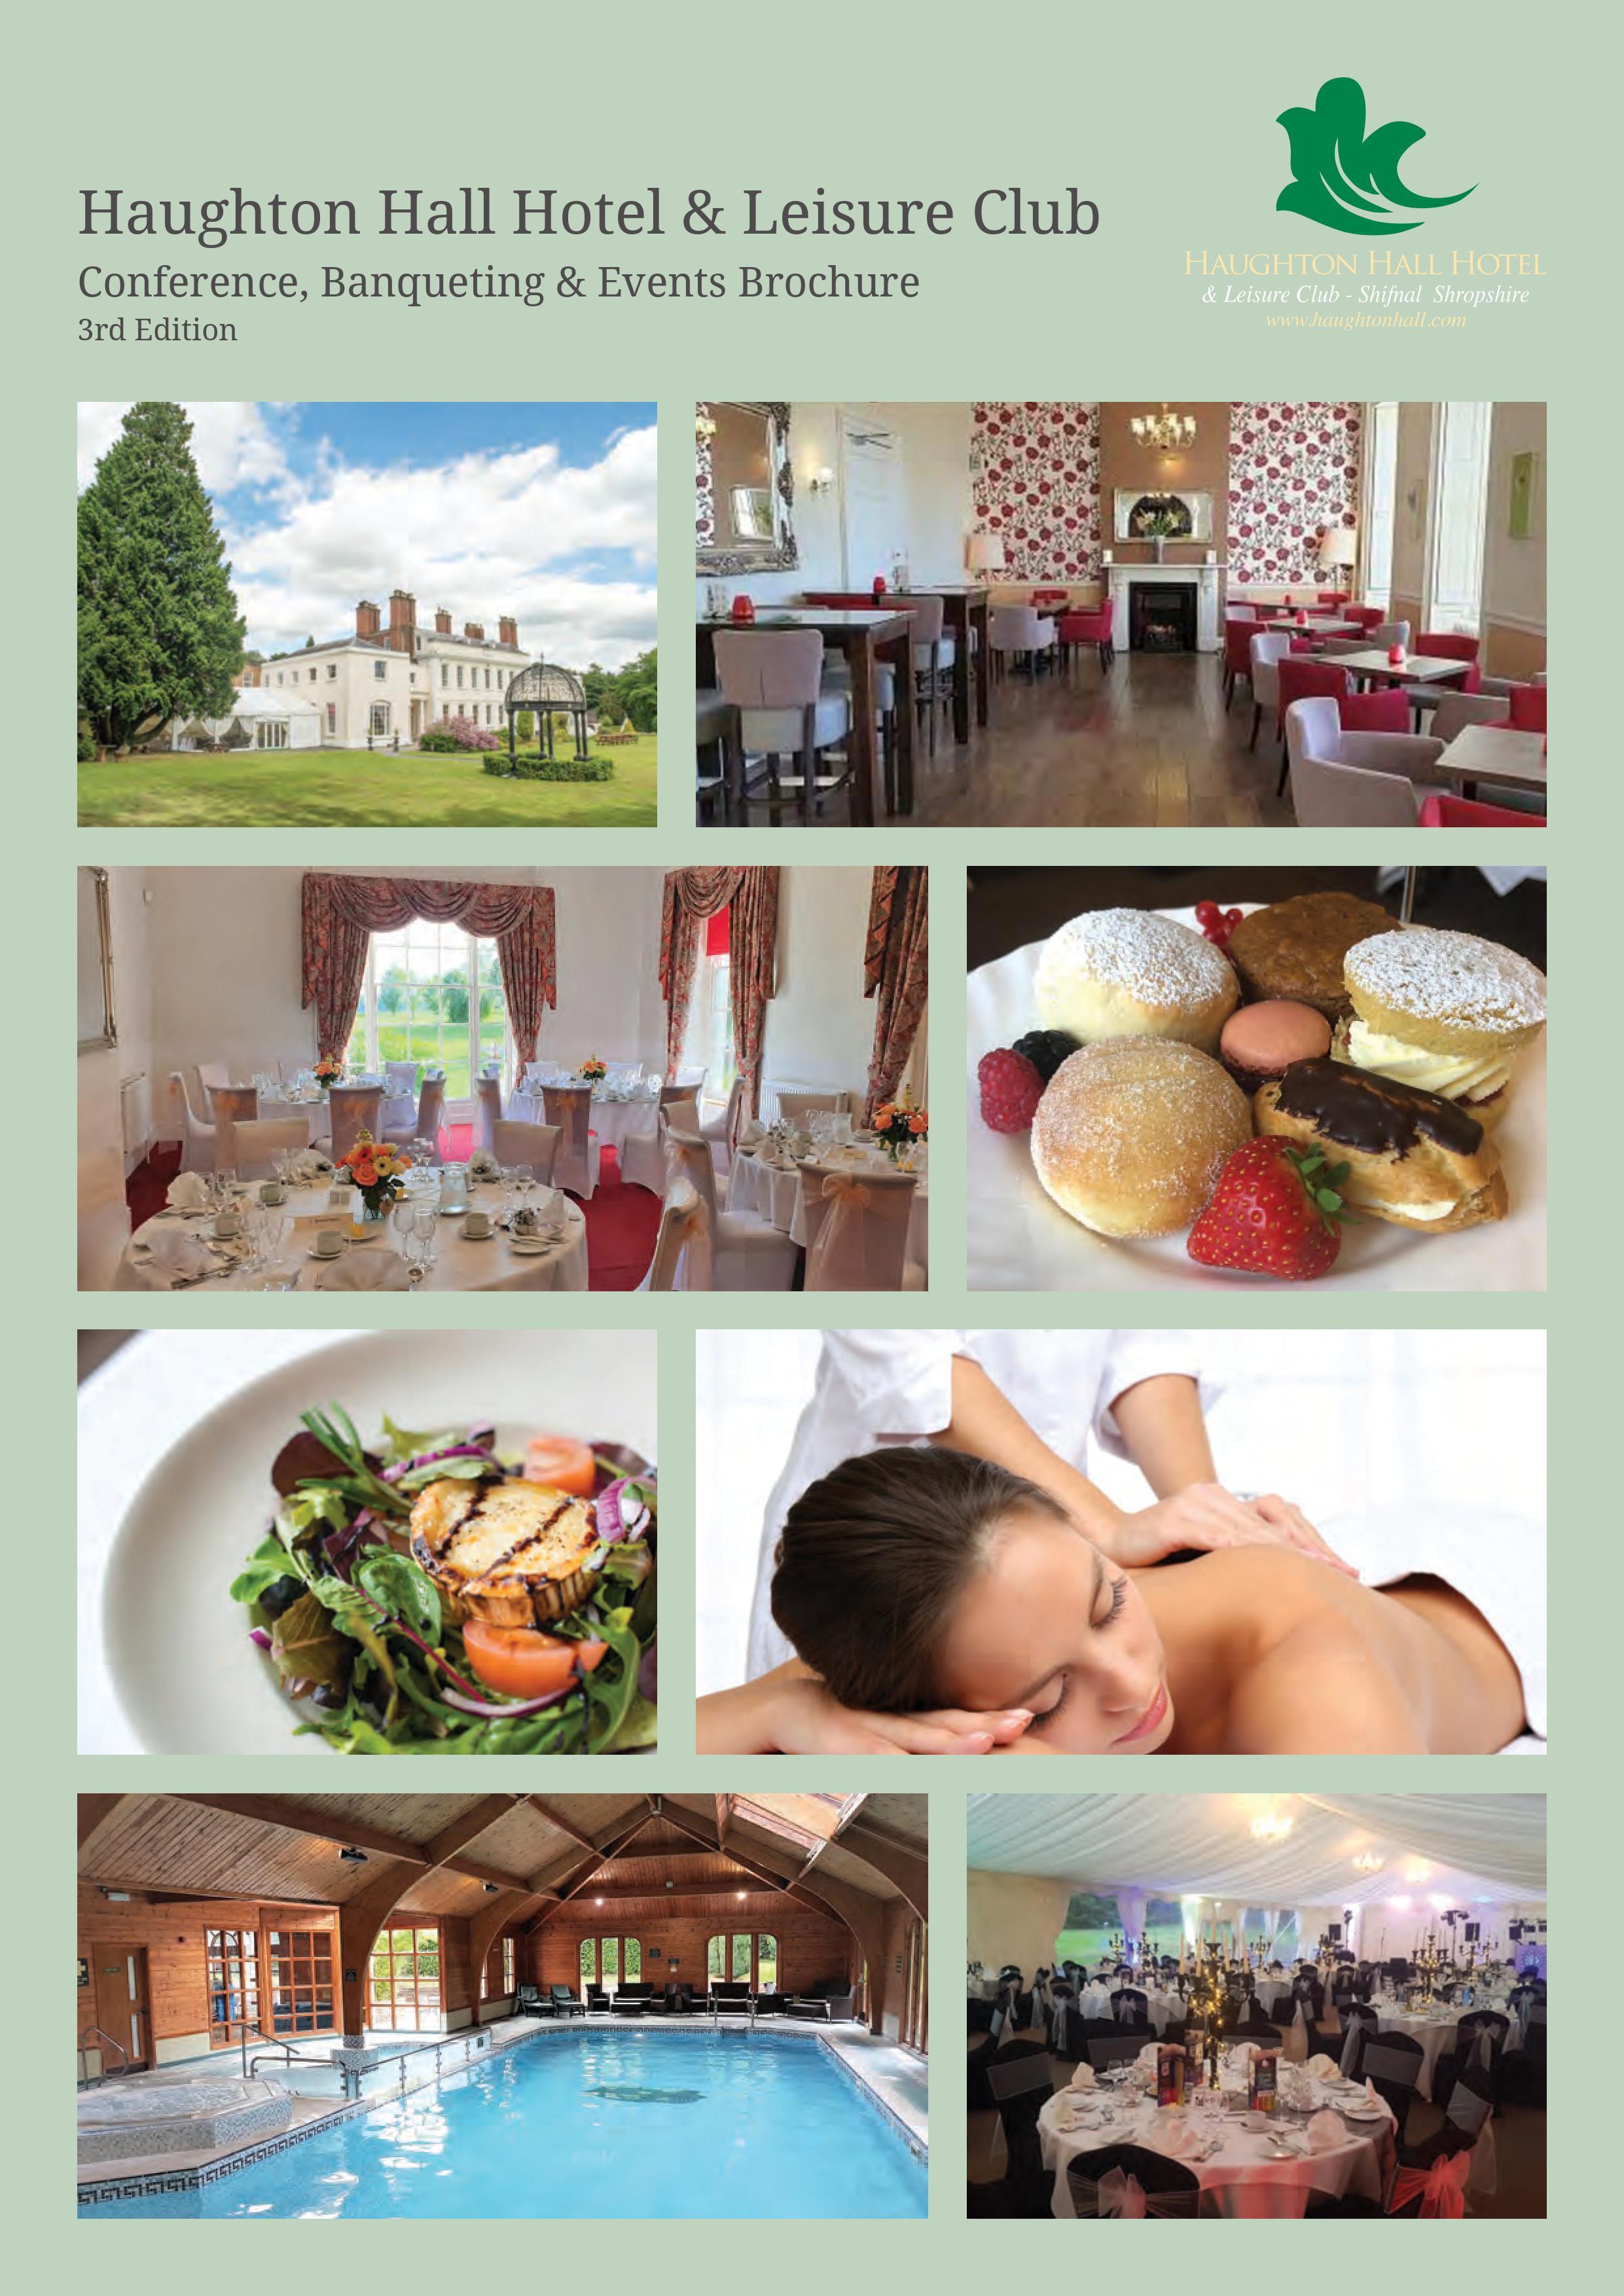 Banqueting & Events Brochure